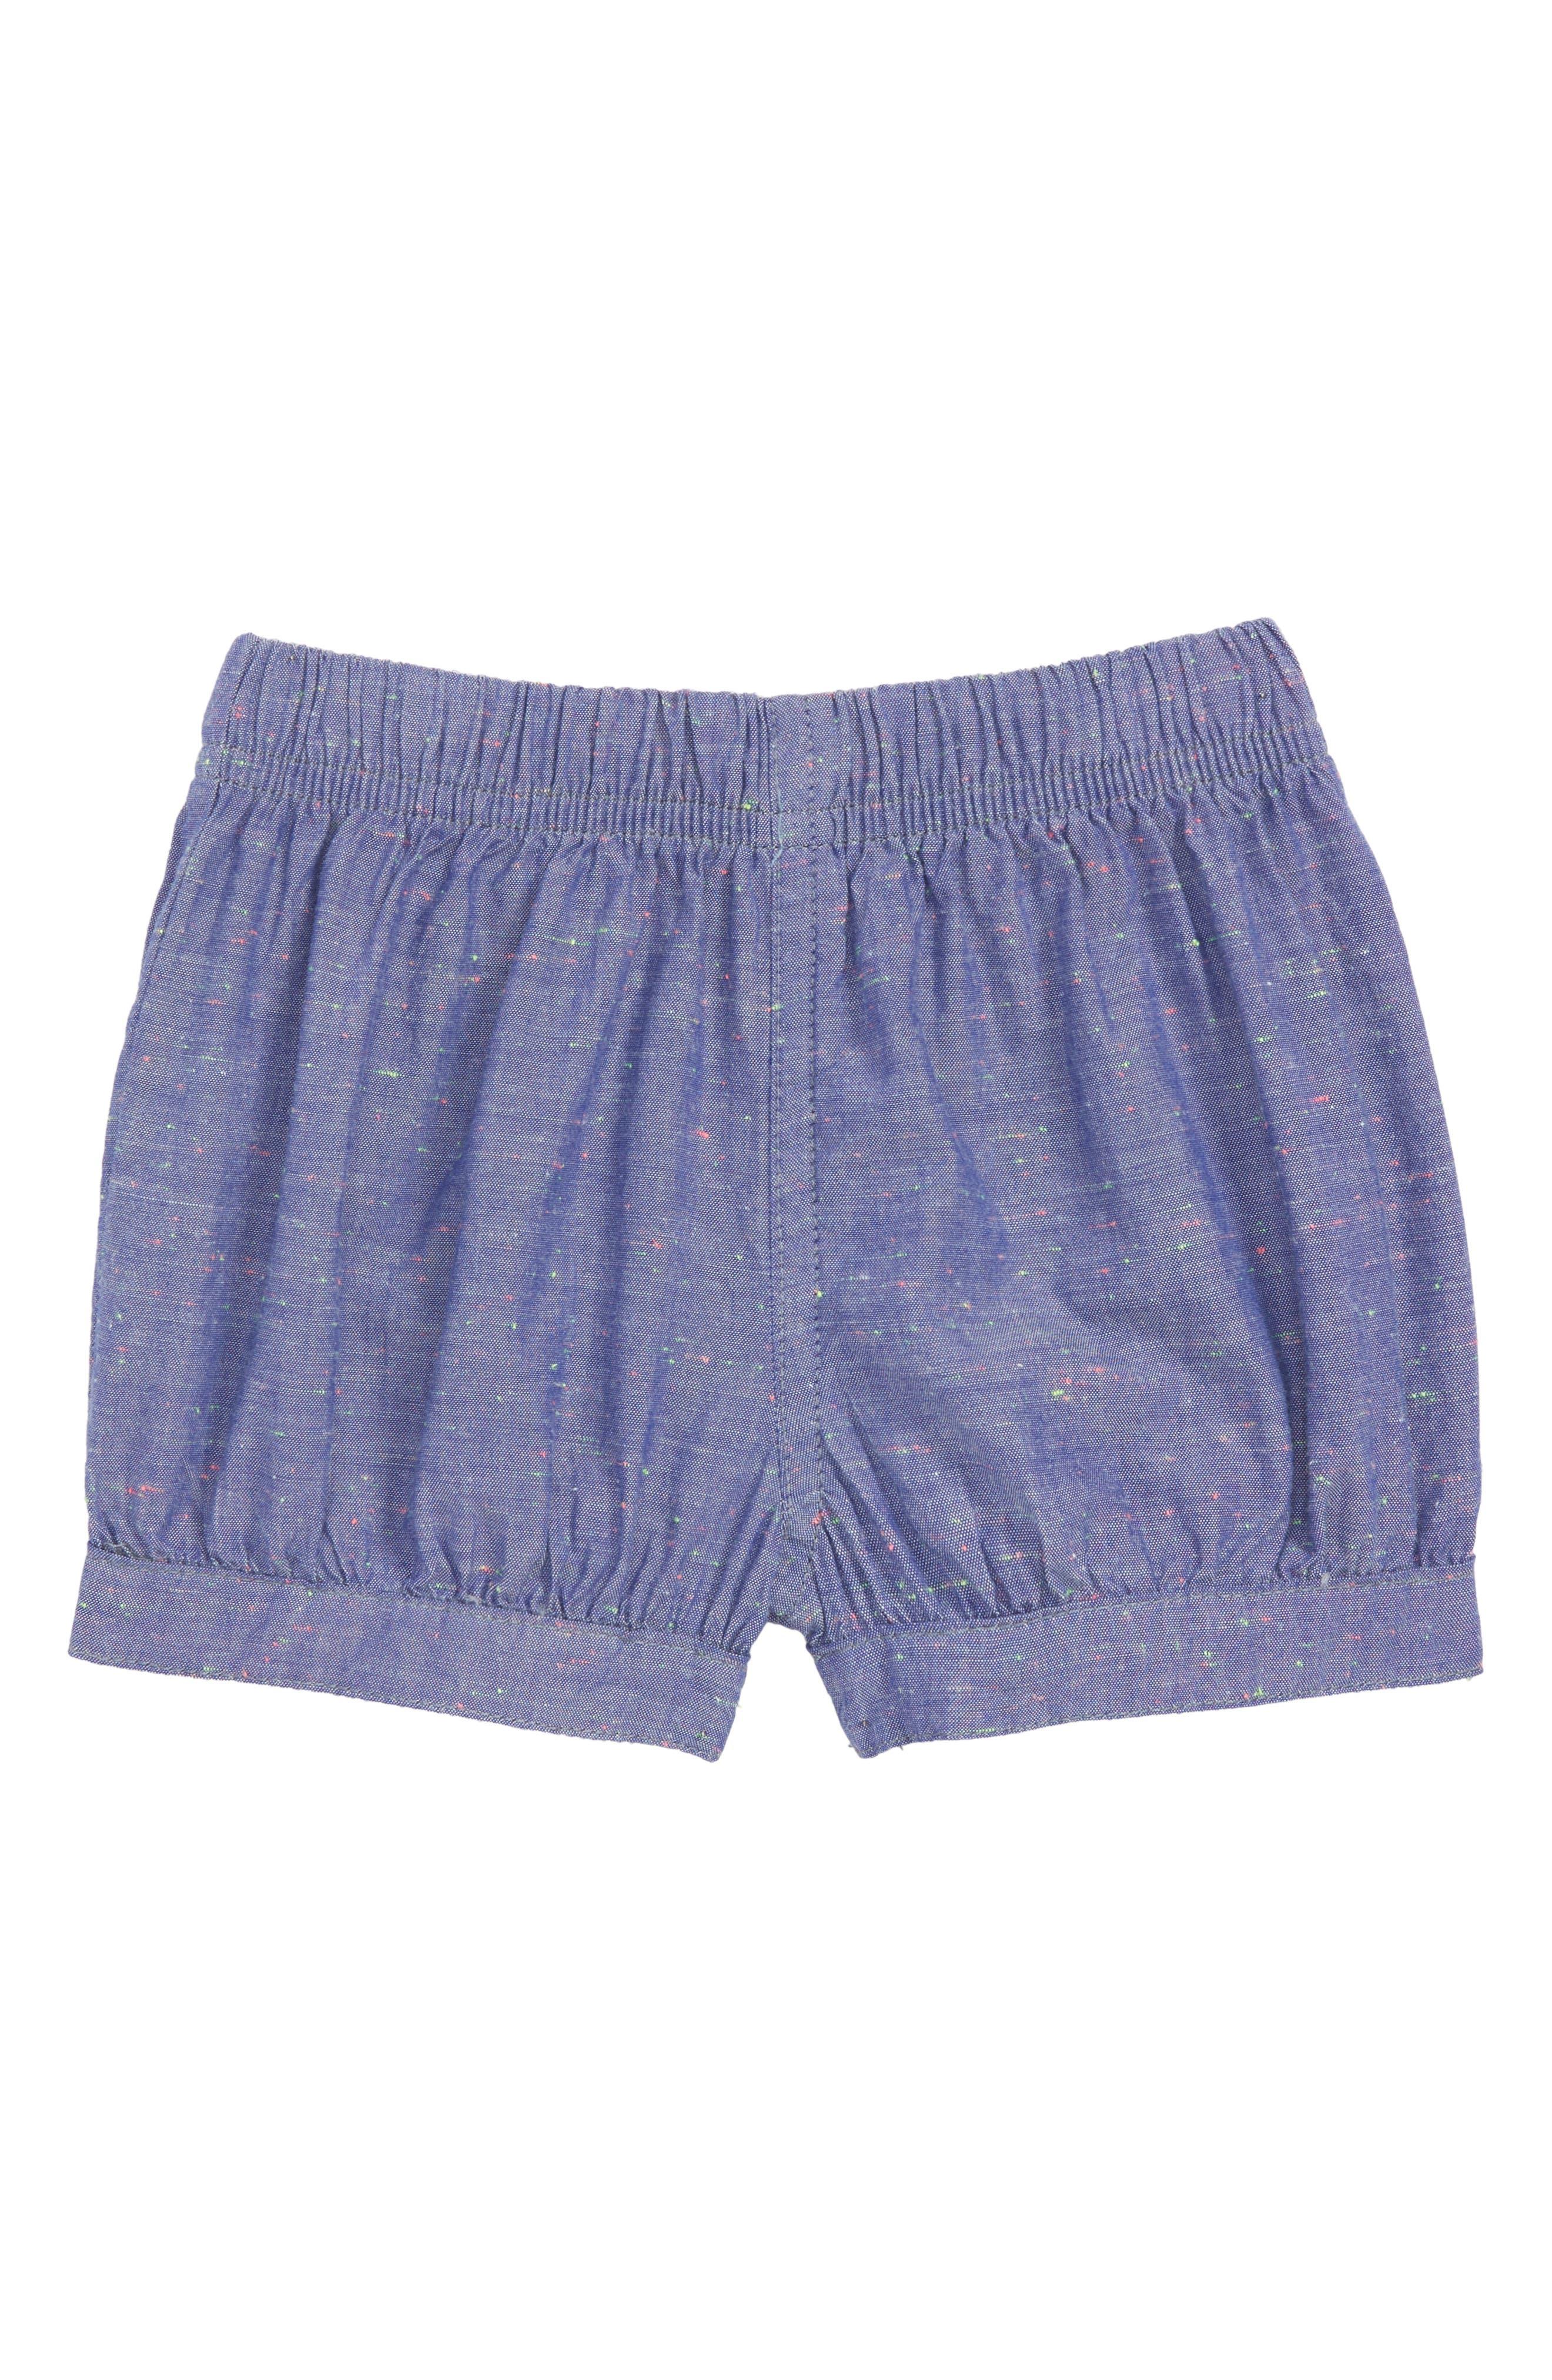 Chambray Bubble Shorts,                             Main thumbnail 1, color,                             411